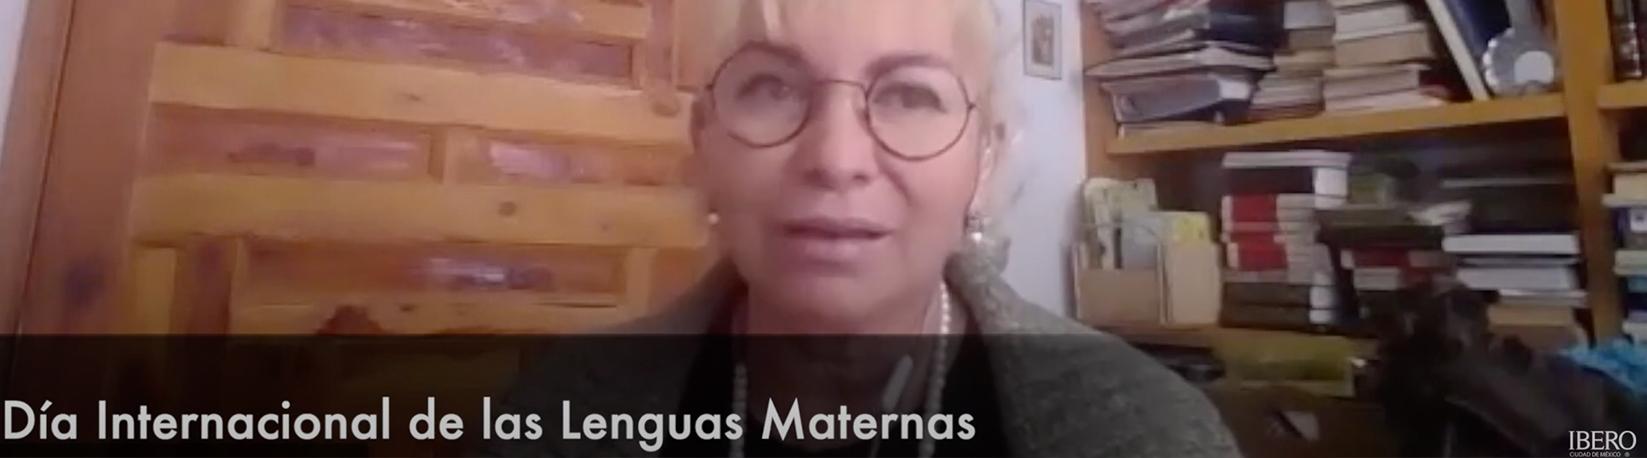 La DInvP de la IBERO se suma a la celebración por el Día Internacional de las Lenguas Maternas